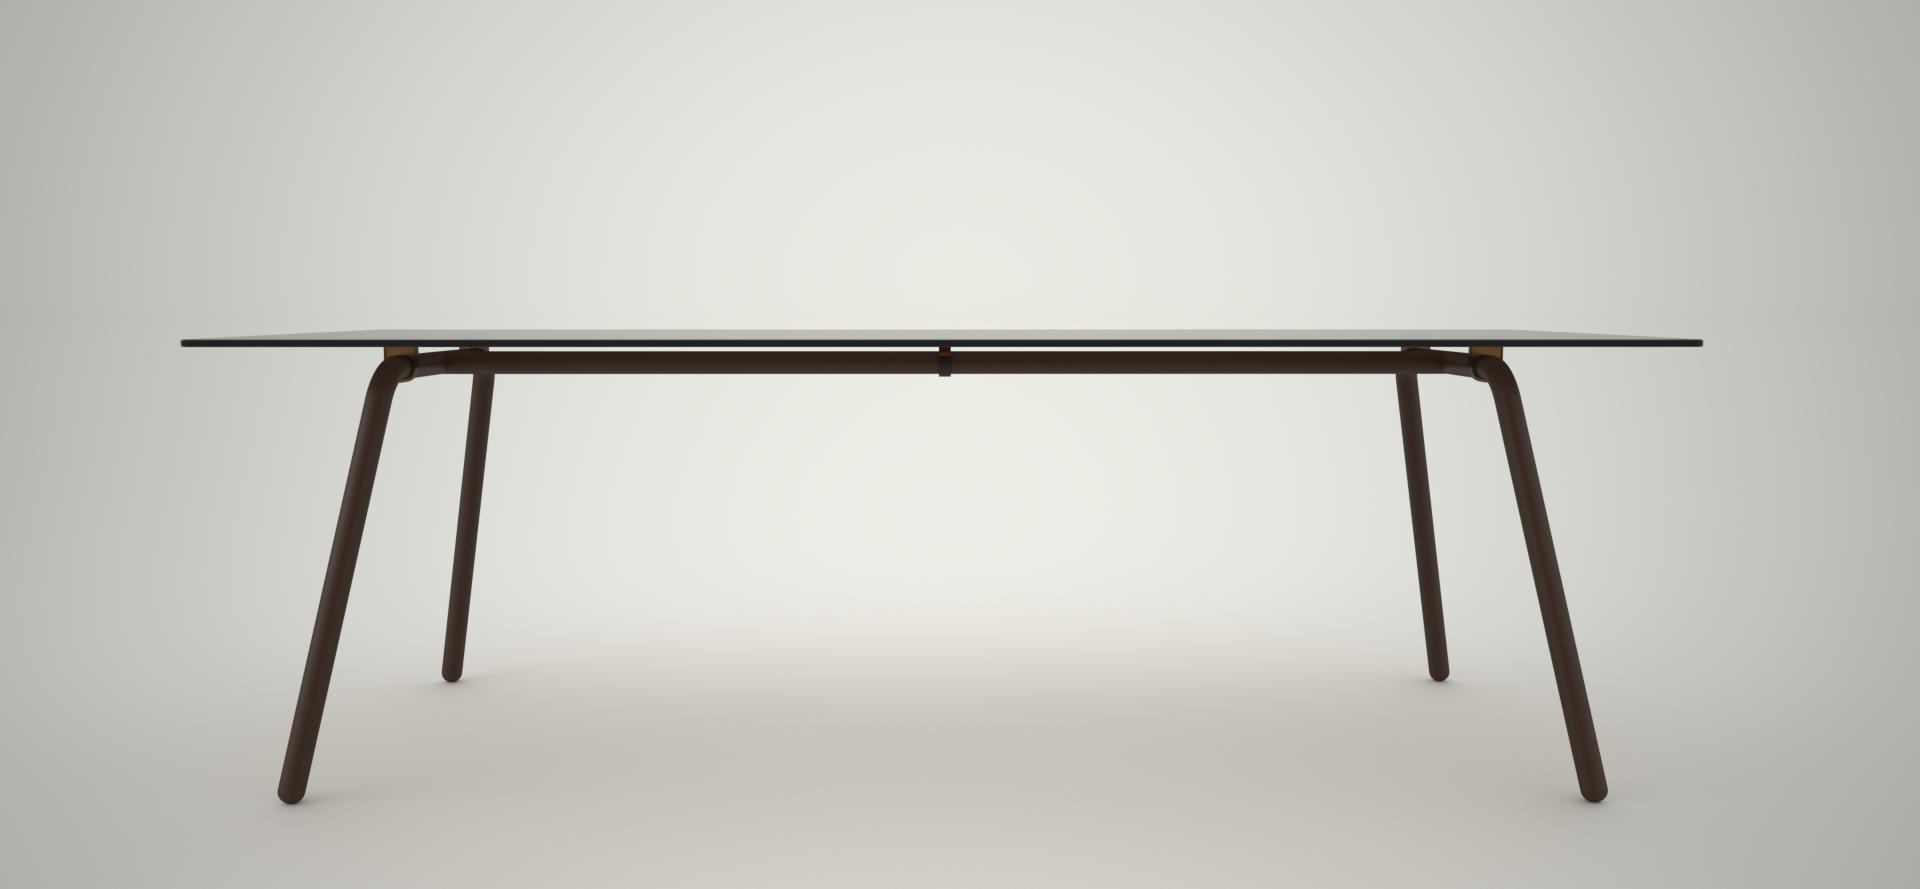 2x2 240 bronze recht2.png